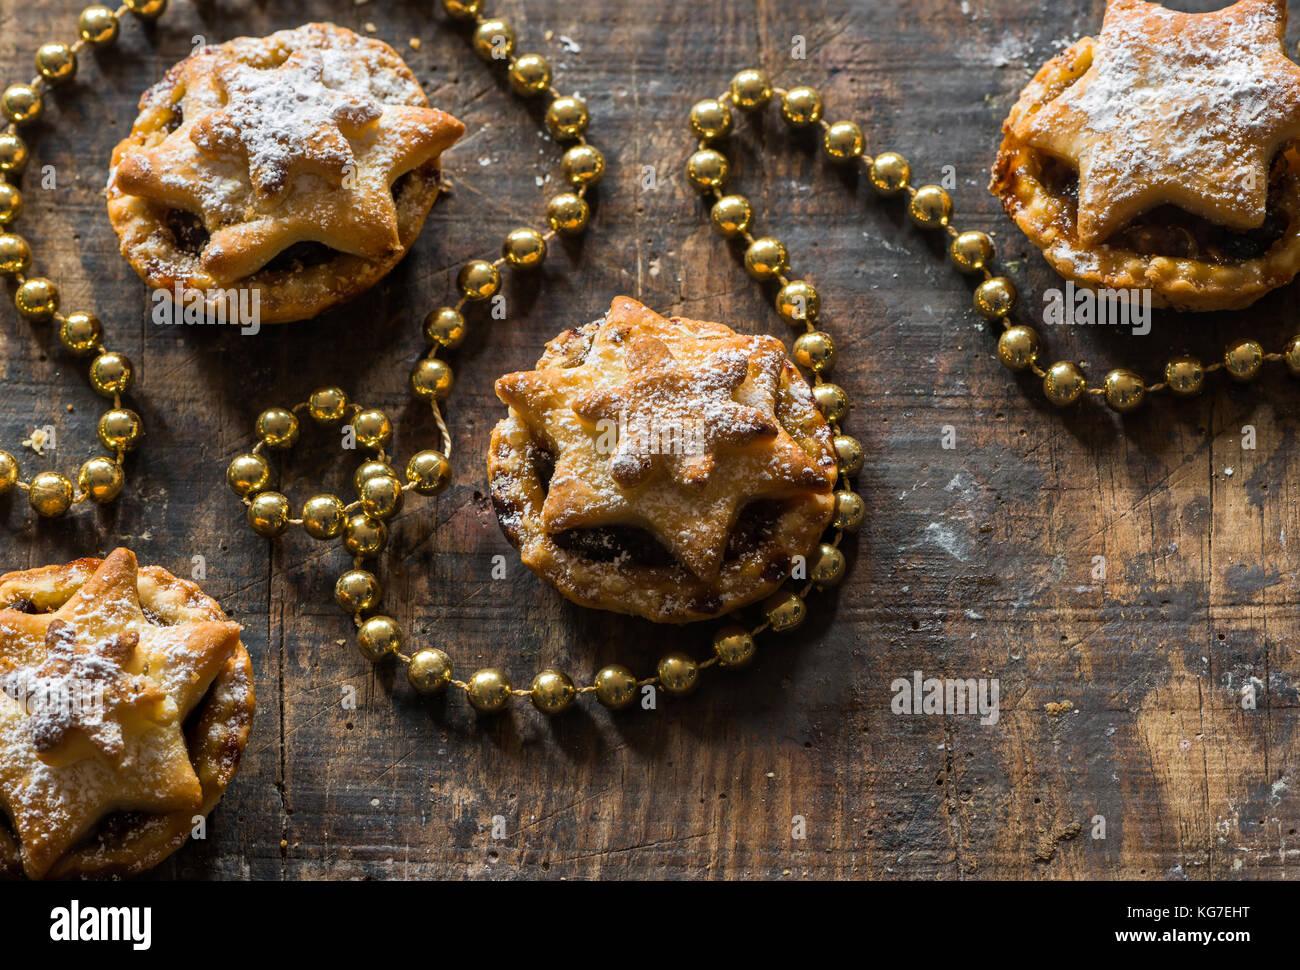 Traditionelle hausgemachte Kuchen hacken. Weihnachten Backen Stockfoto